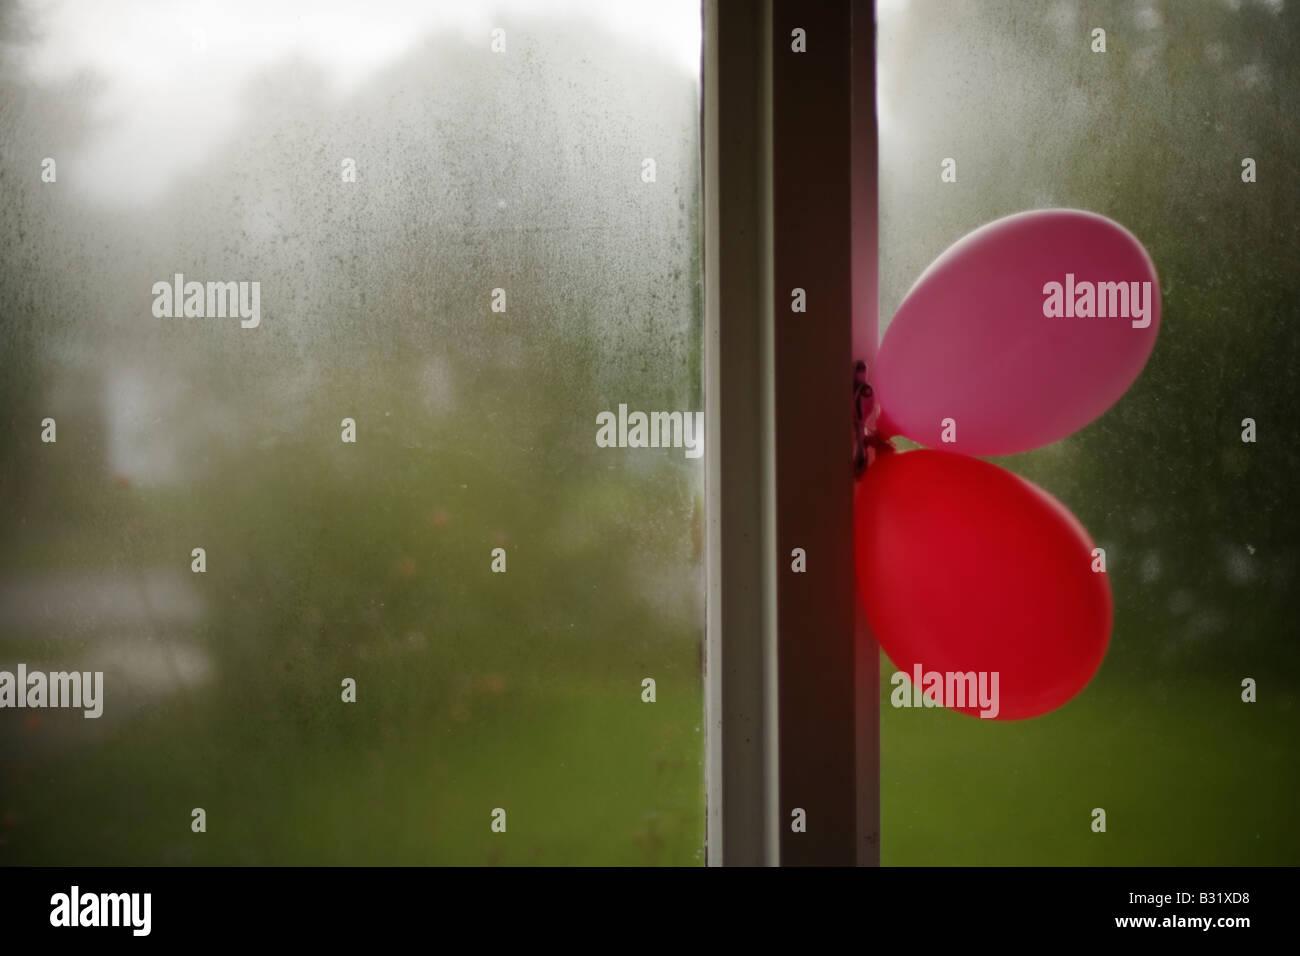 Luftballons am Fenster Stockbild